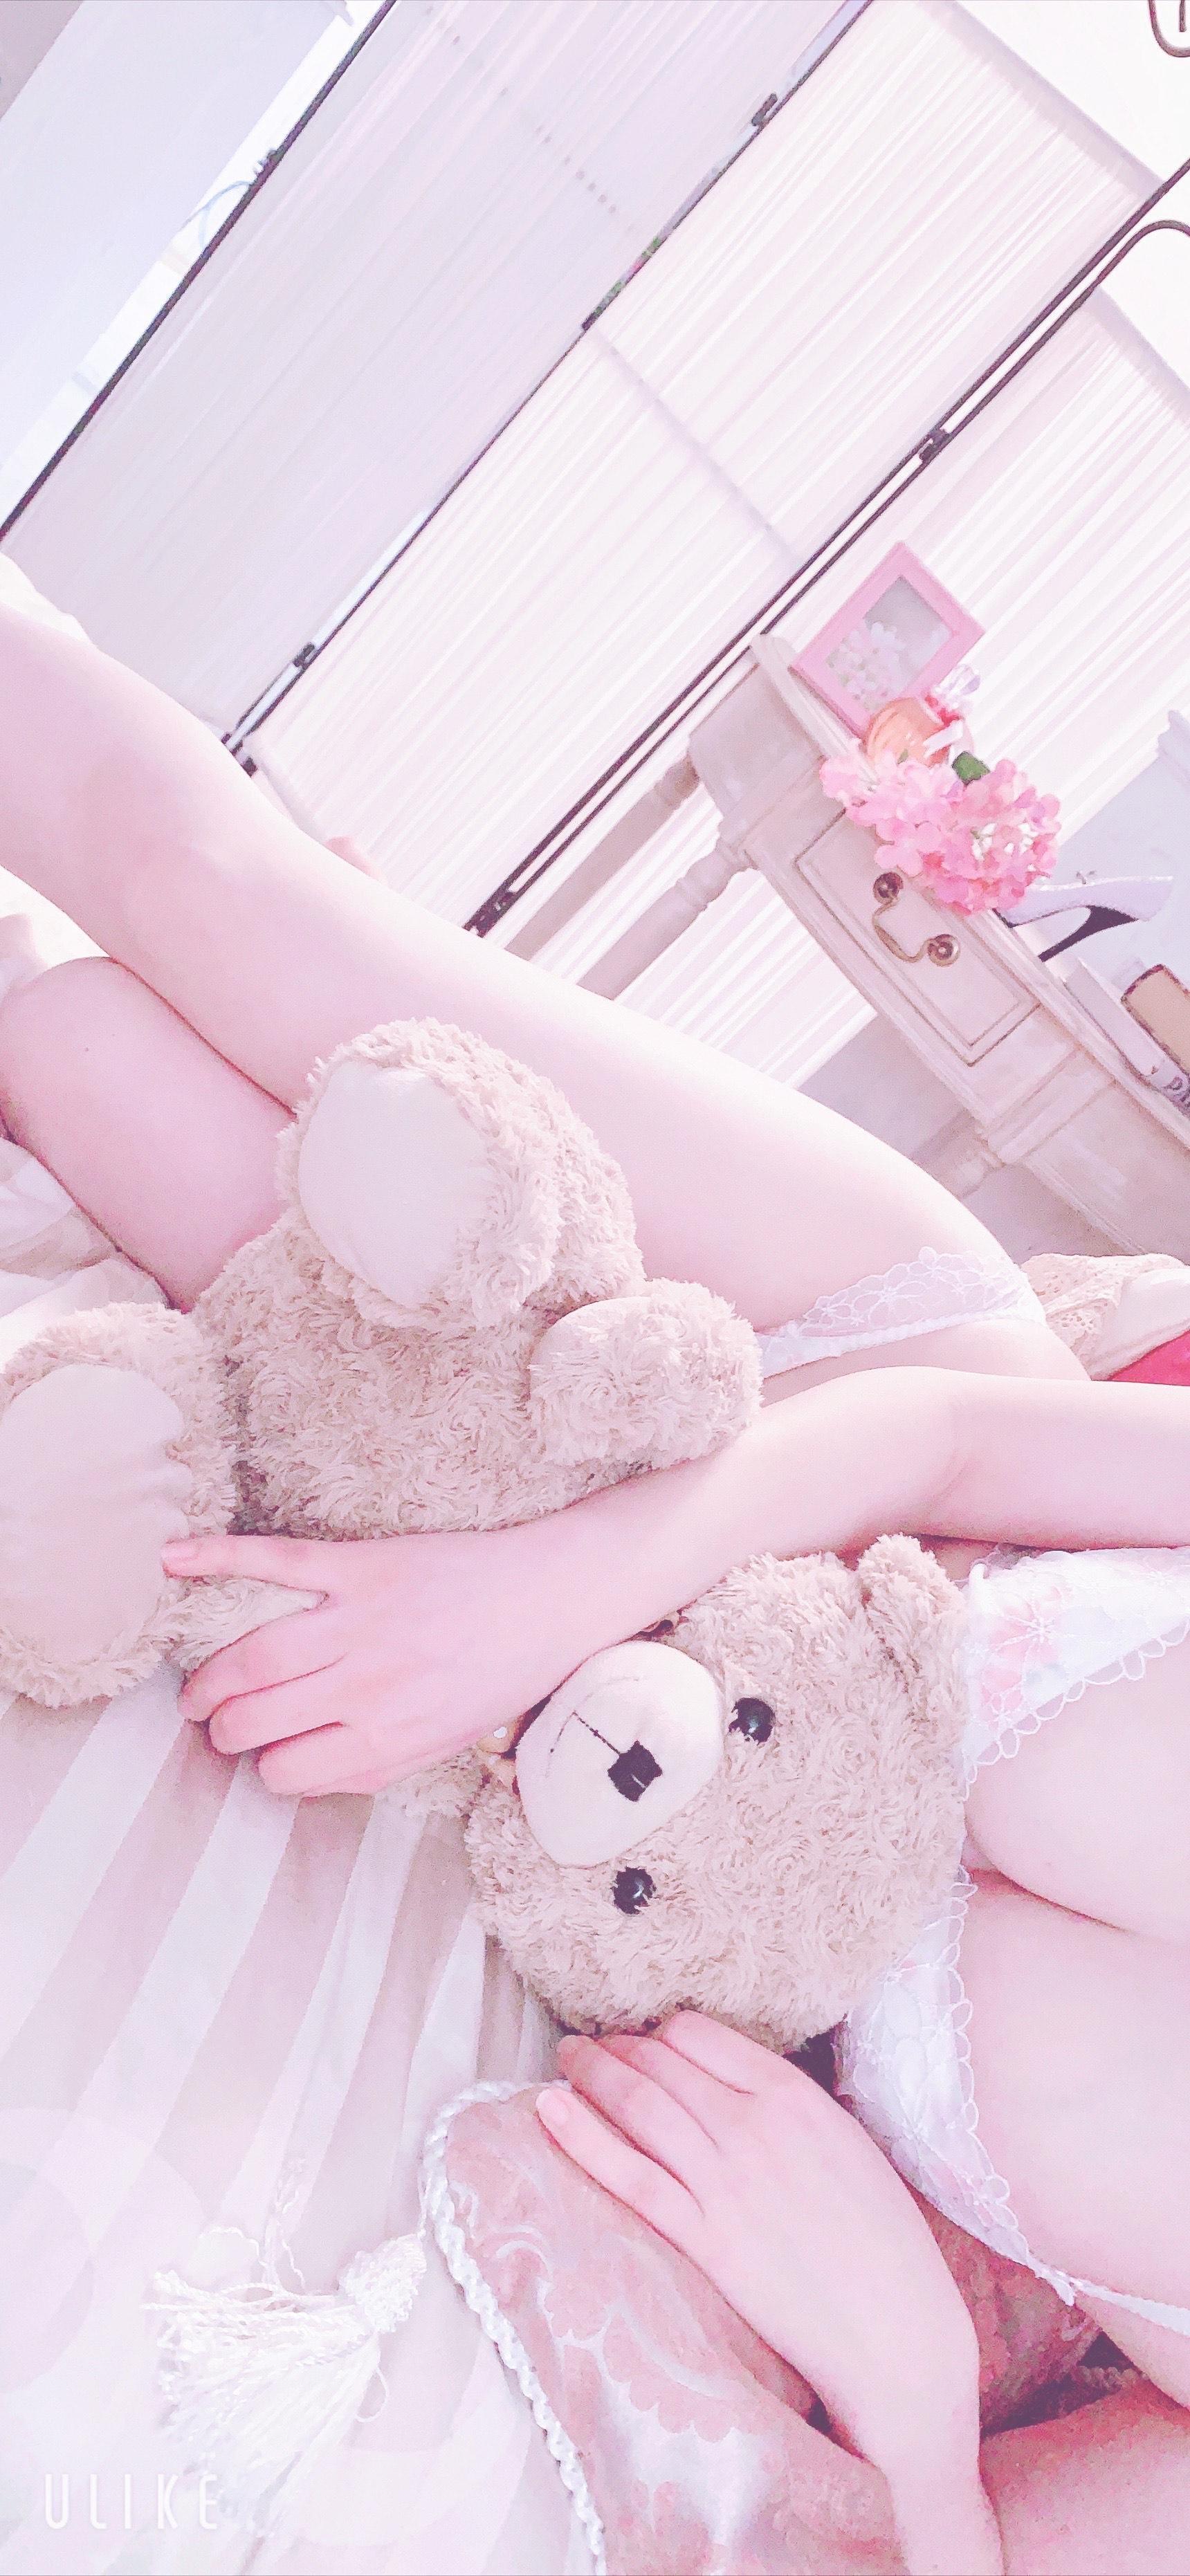 「つむぎ☆*°」02/21(02/21) 12:04 | つむぎ◎清楚系美少女の写メ・風俗動画